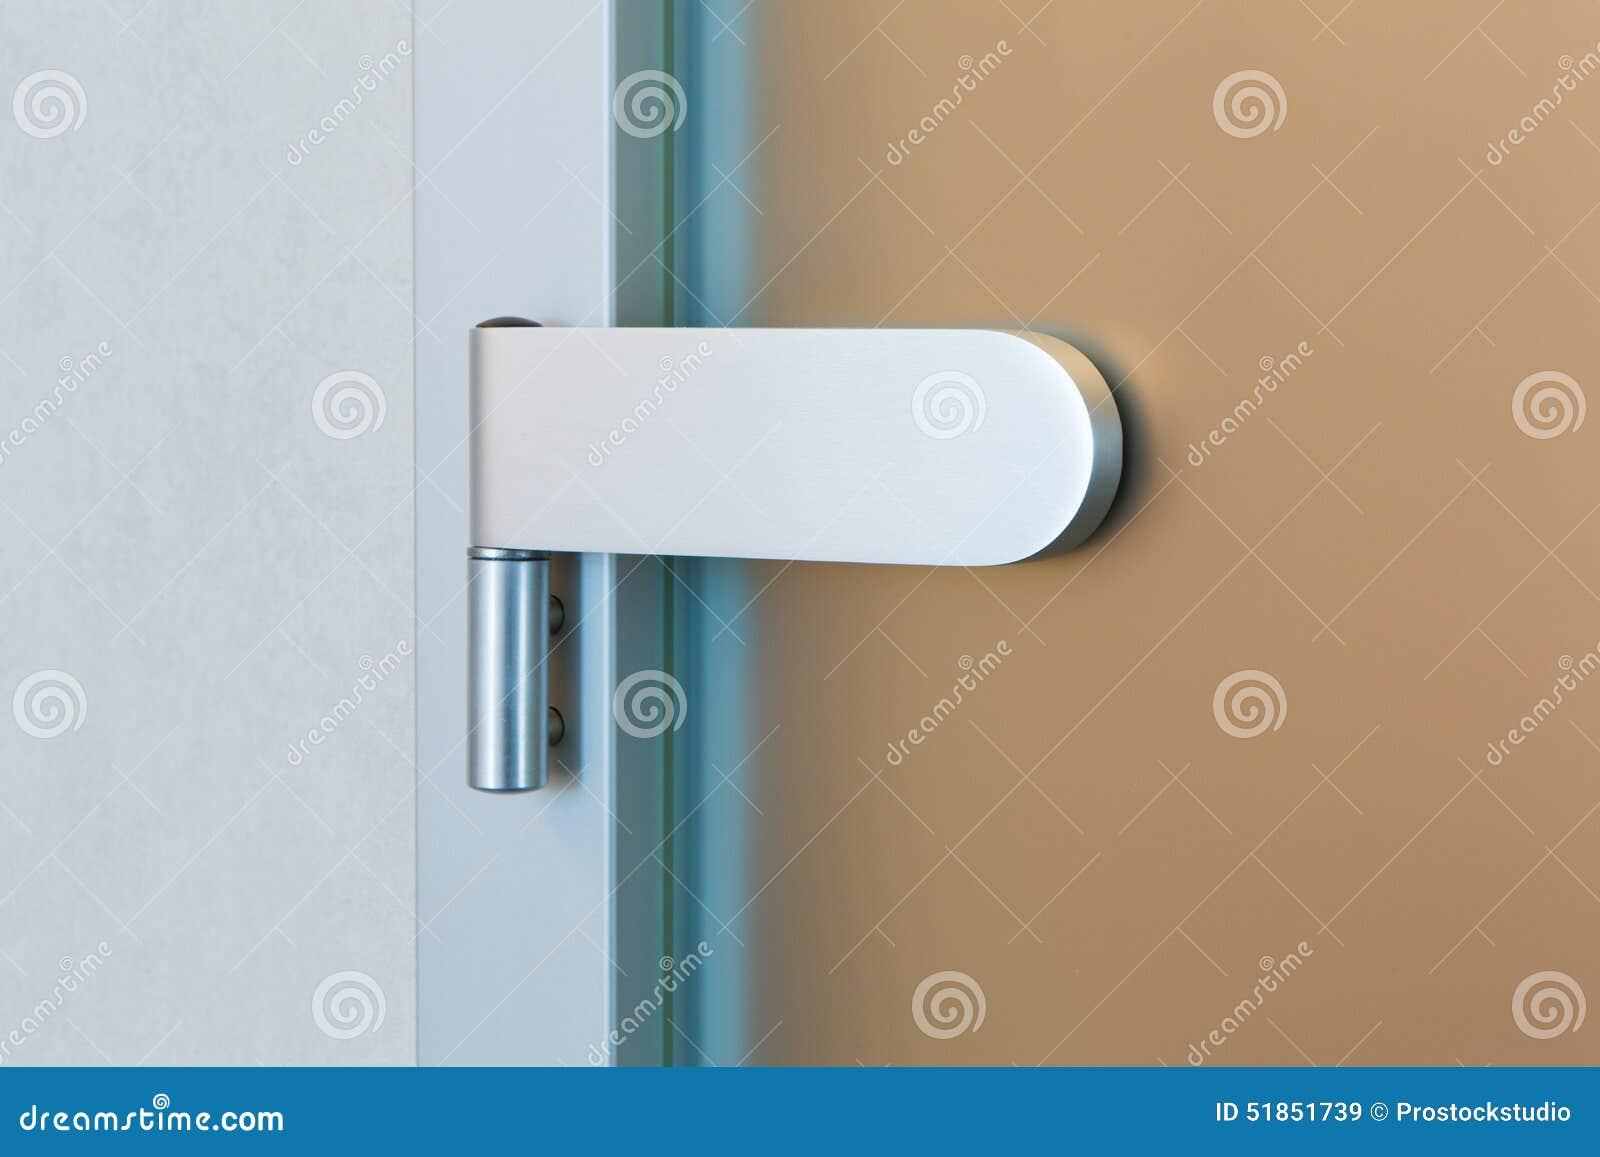 charni re de porte en verre moderne image stock image du support r glable 51851739. Black Bedroom Furniture Sets. Home Design Ideas